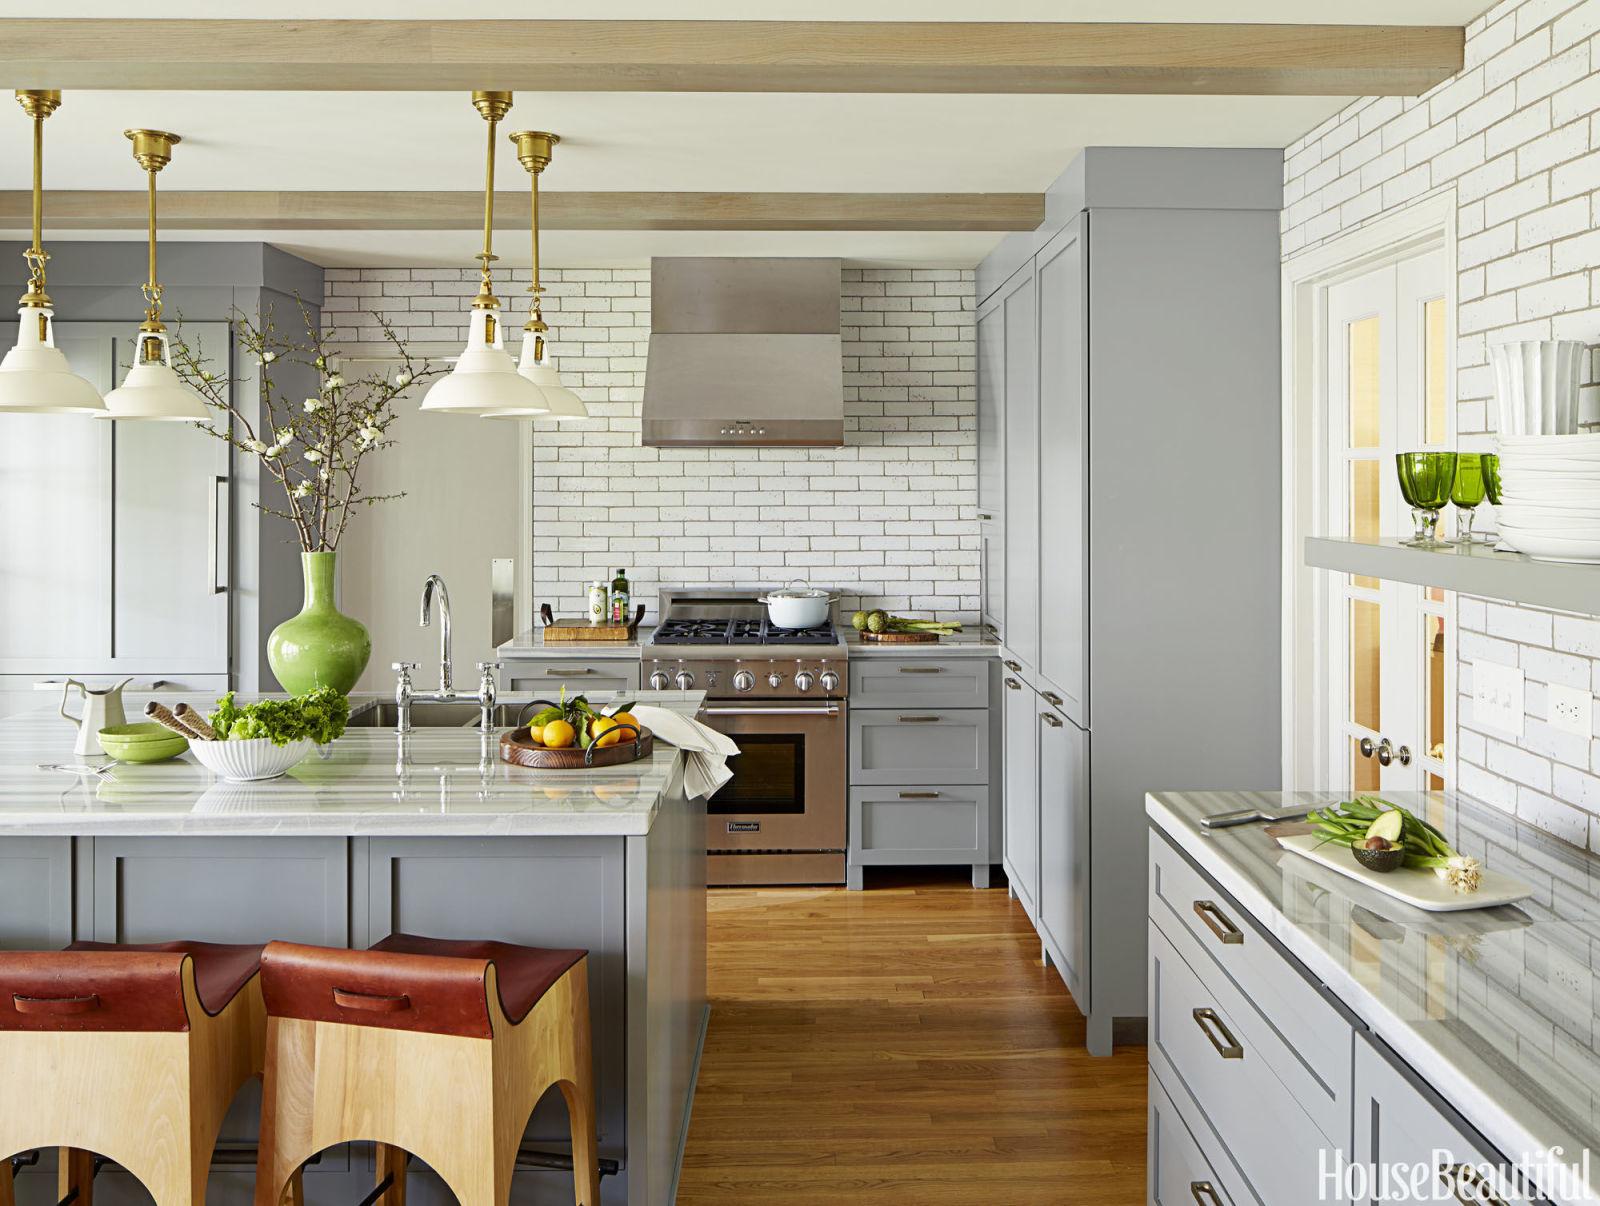 Benefits of kitchen countertops